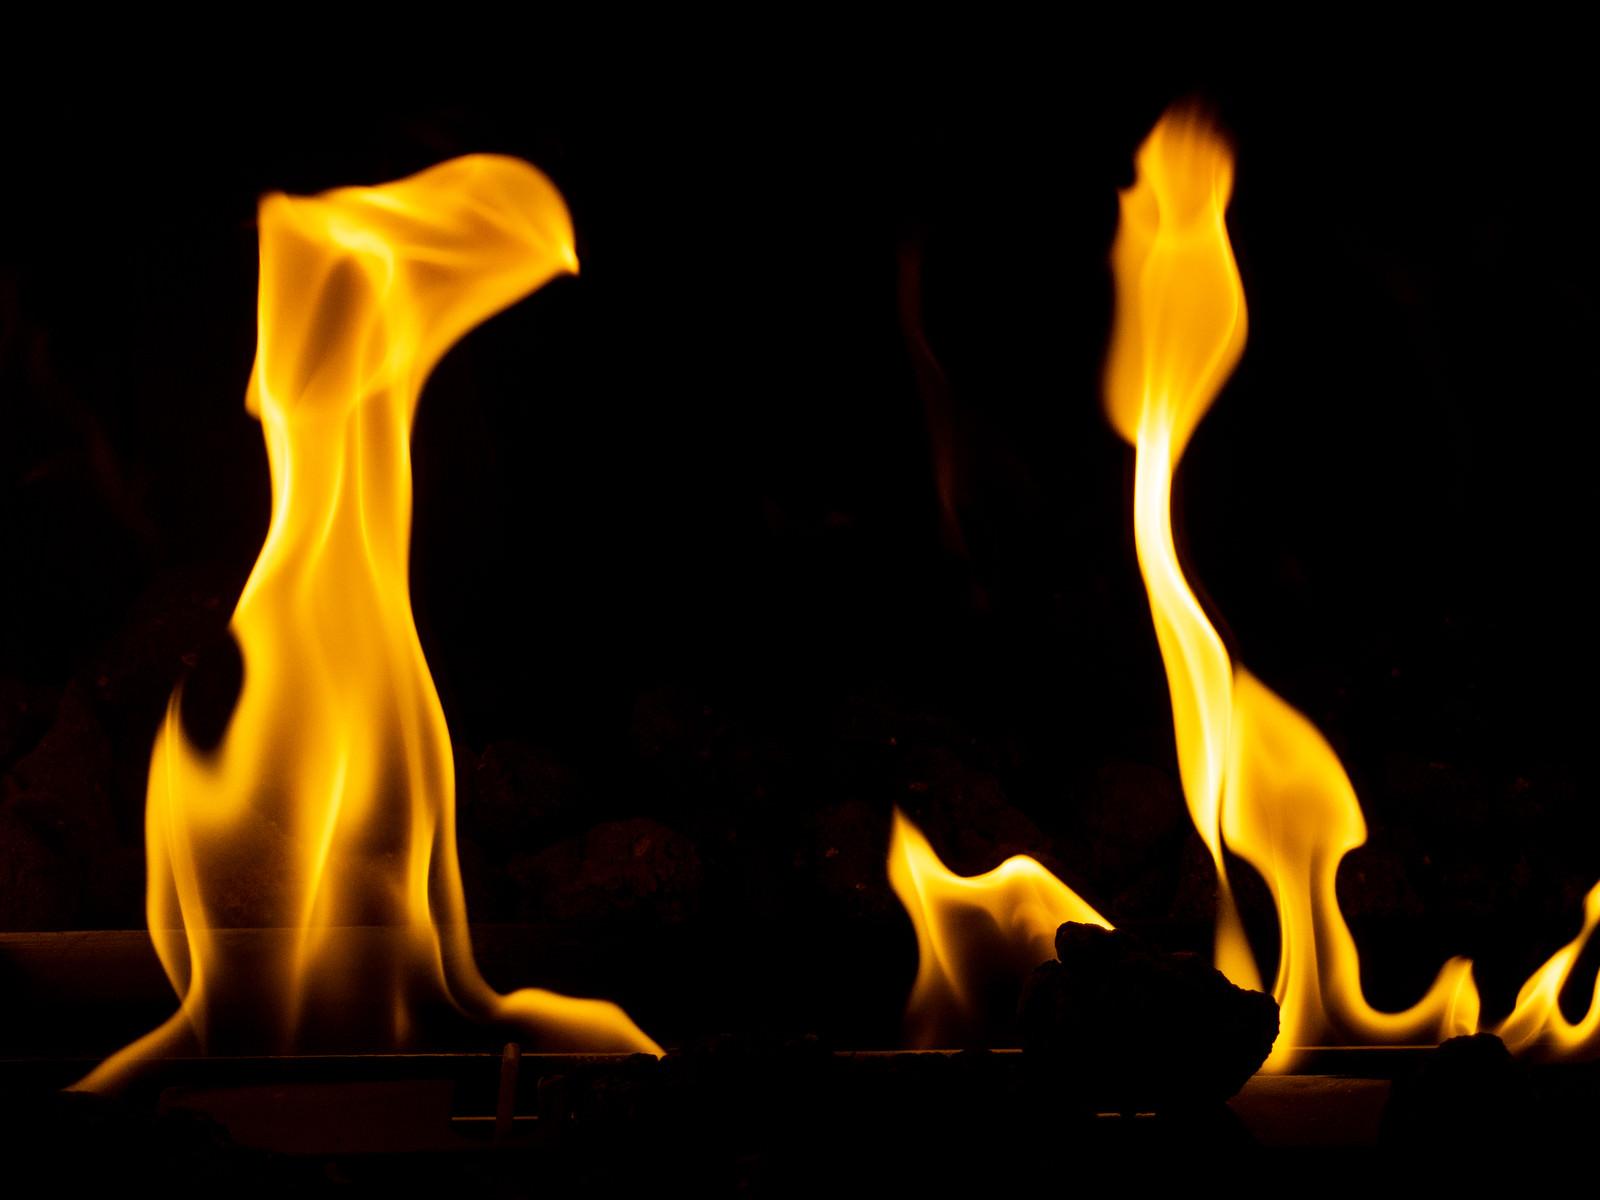 「めらめら暖かい暖炉の炎」の写真